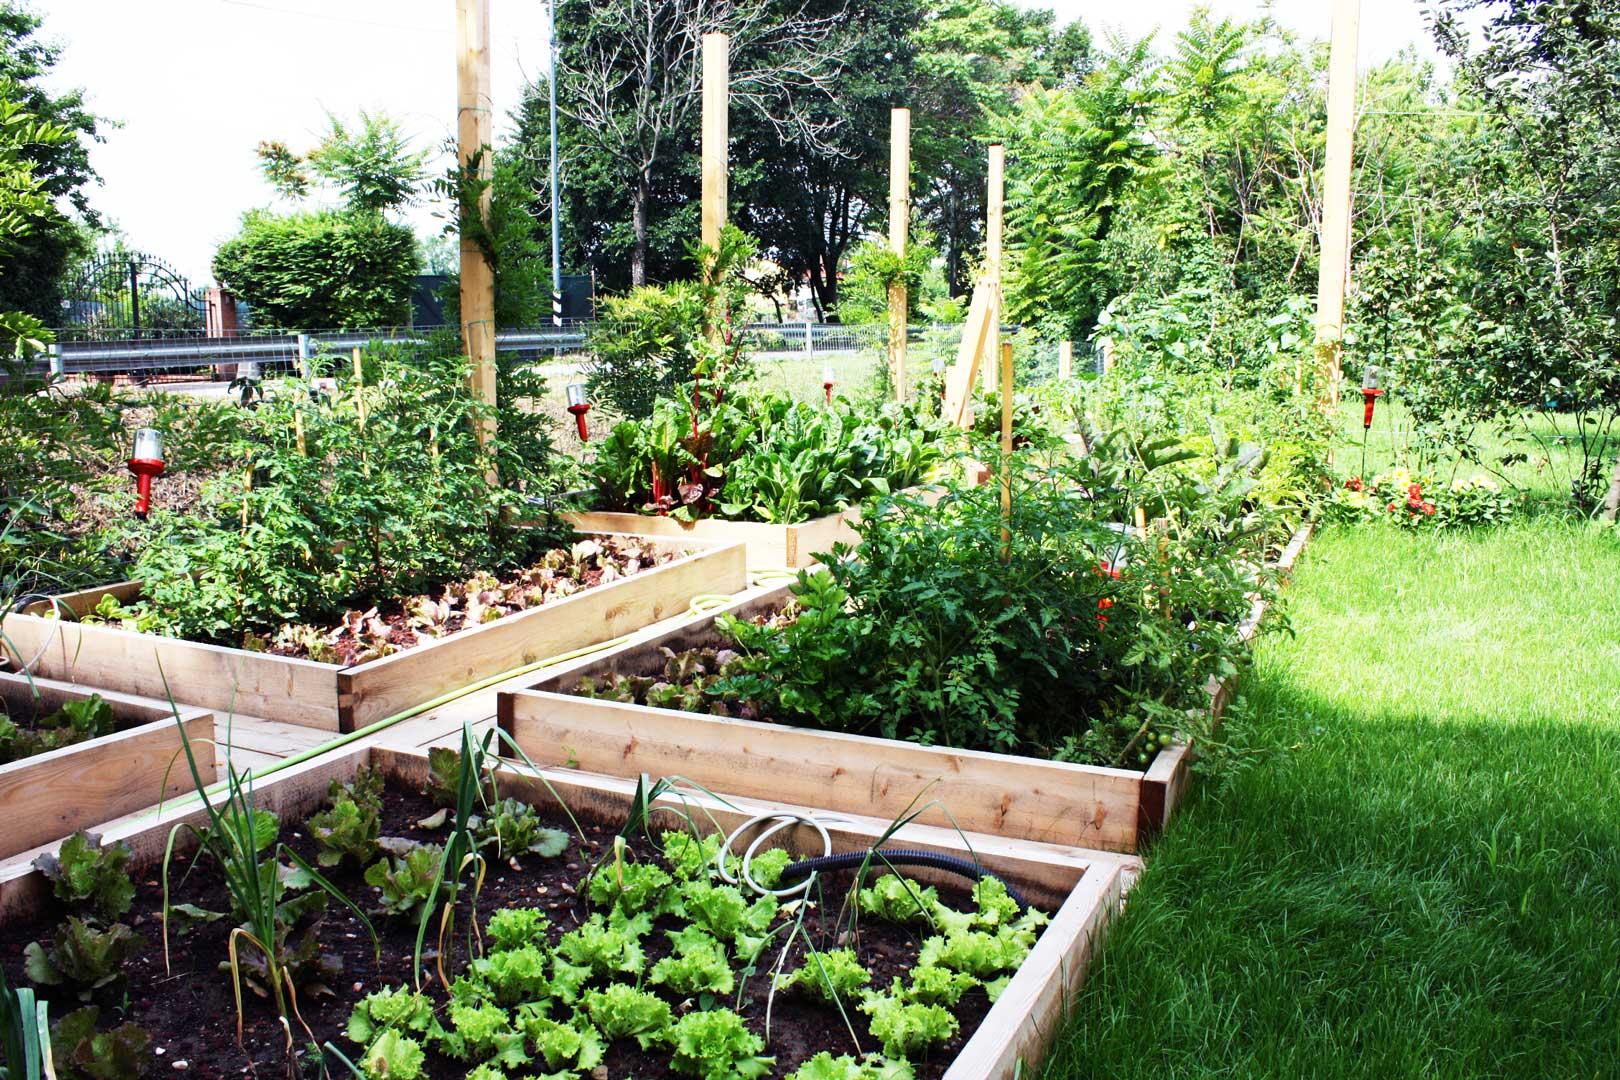 I migliori ristoranti con giardino alle porte di milano for Giardini francesi